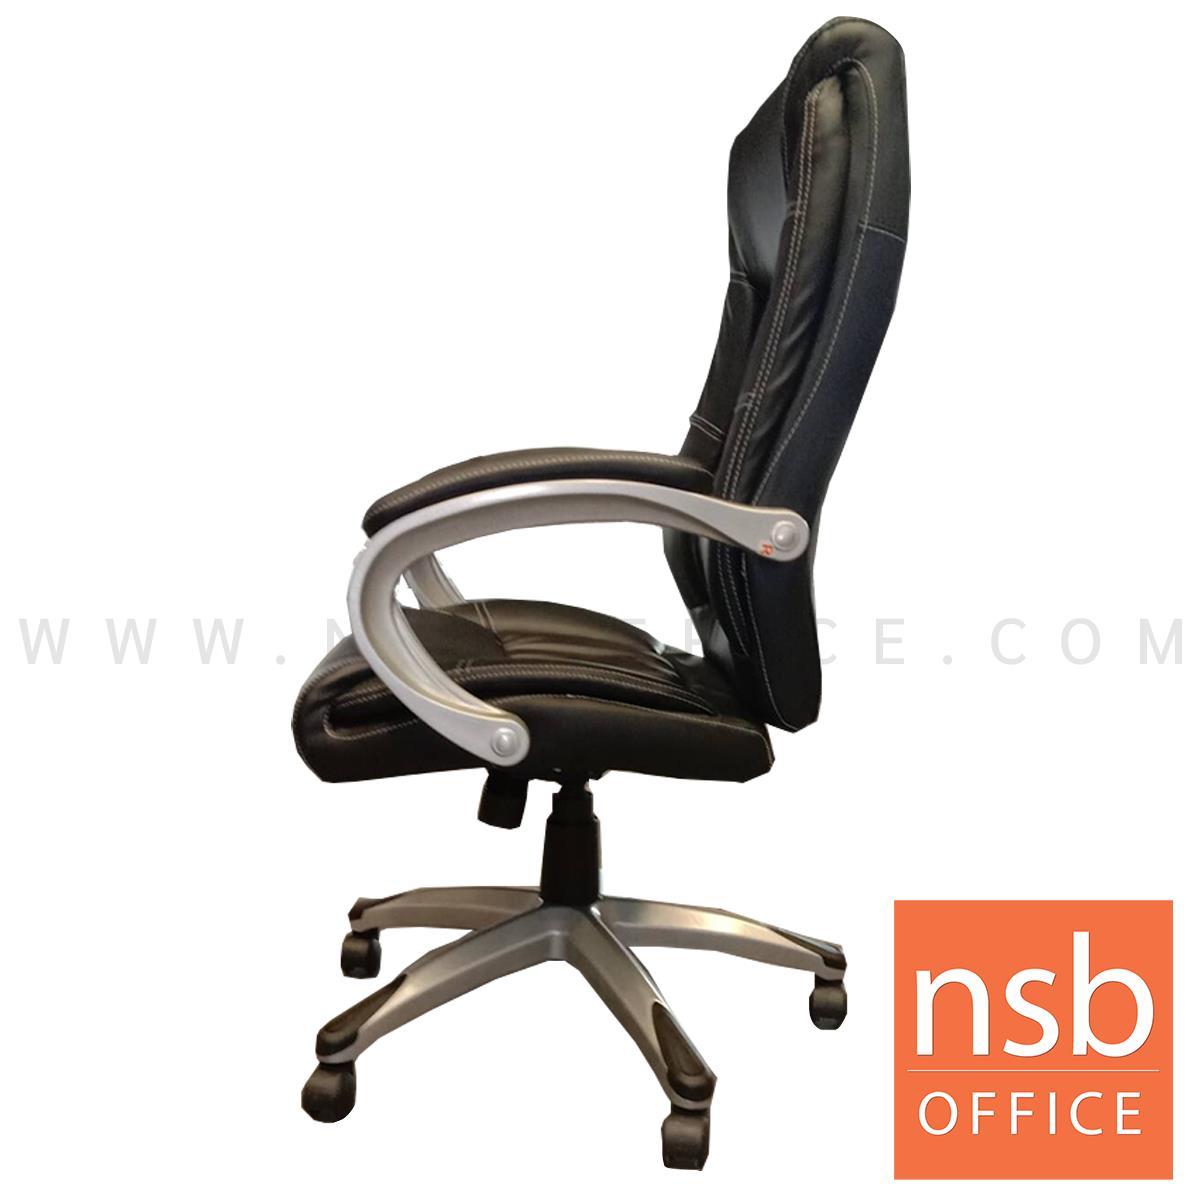 เก้าอี้ผู้บริหาร รุ่น Scoville (สกอวิลล์)  โช๊คแก๊ส ก้อนโยก ขาอลูมิเนียม